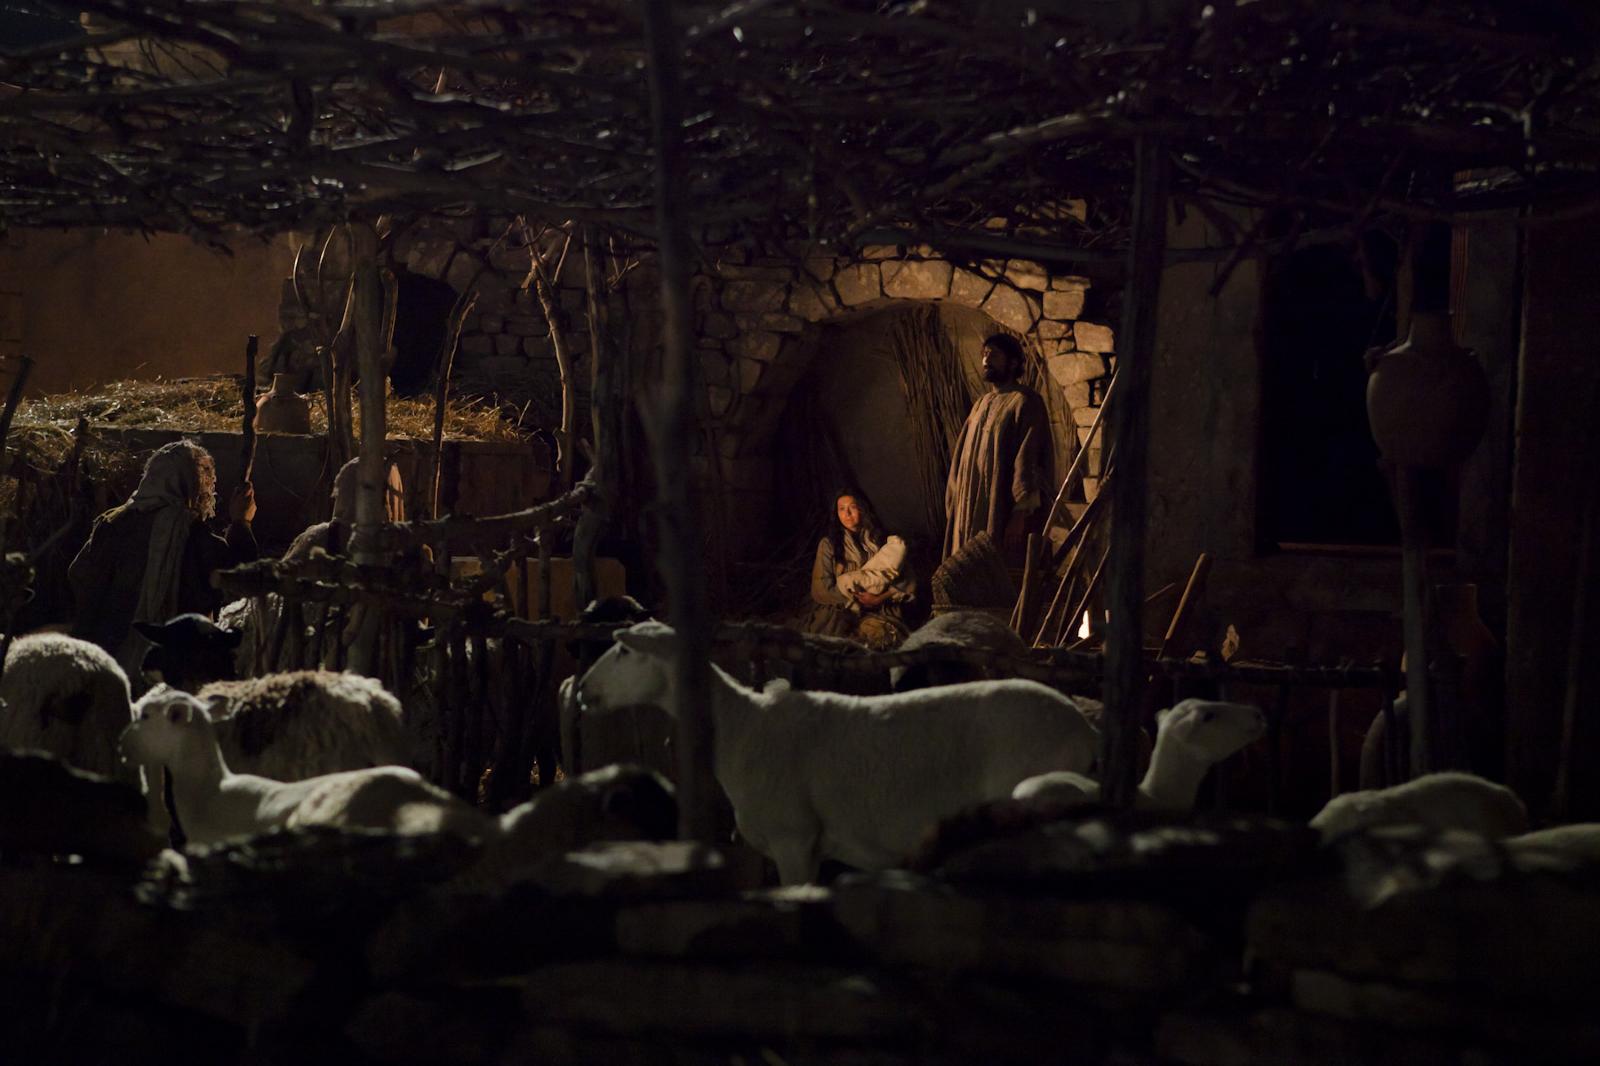 bible-video-nativity-shepherds-1400900-print.jpg